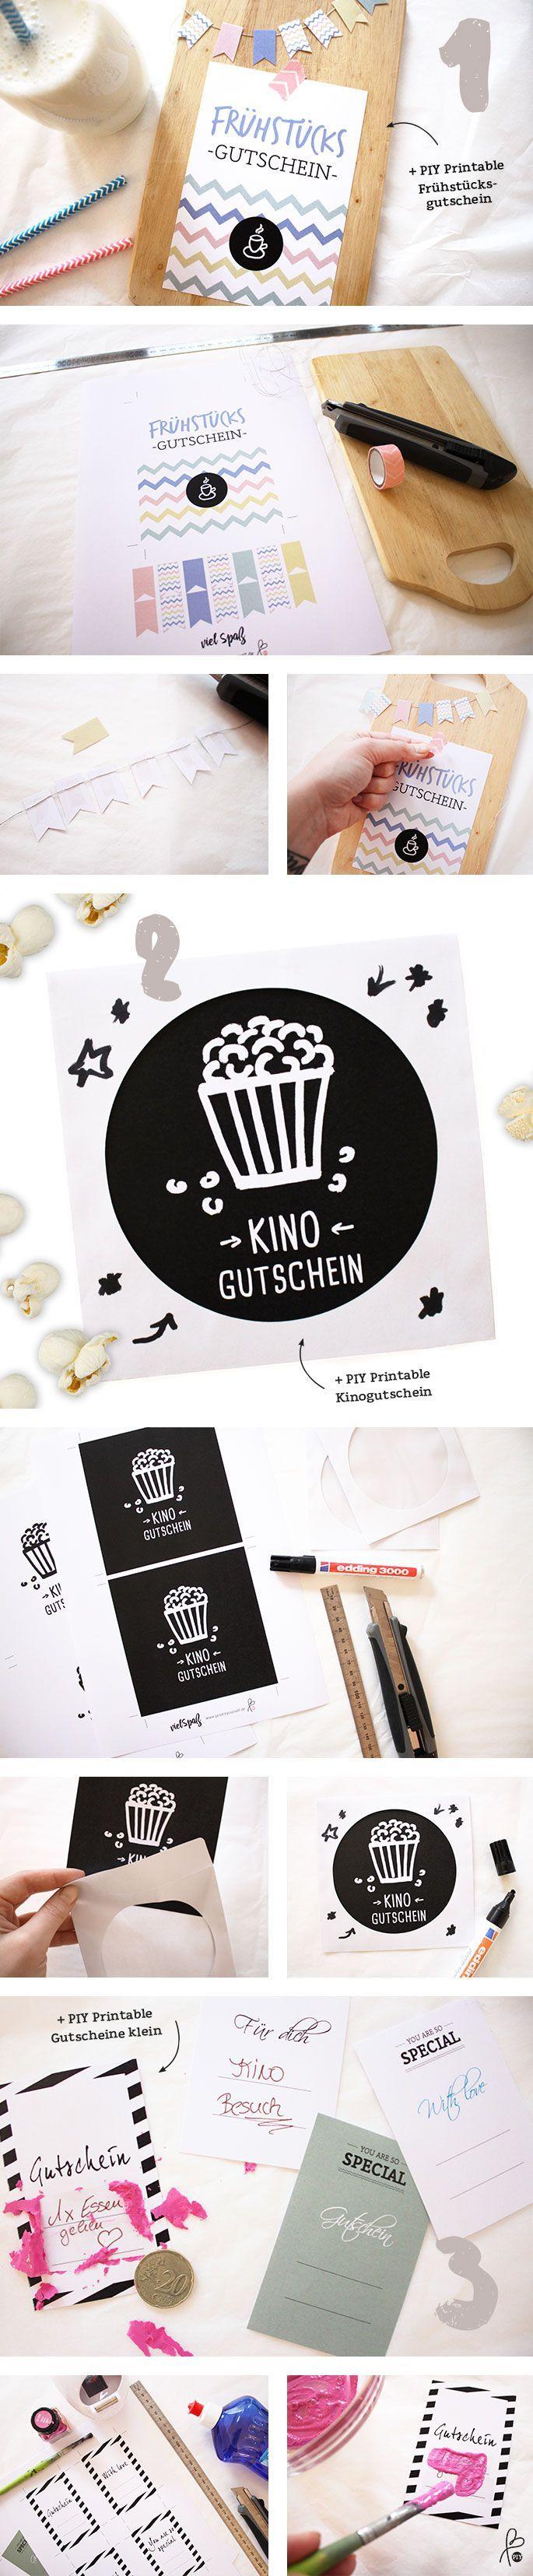 DIY Gutschein | Pinterest | Gutschein vorlage, Geburtstag DIY und ...